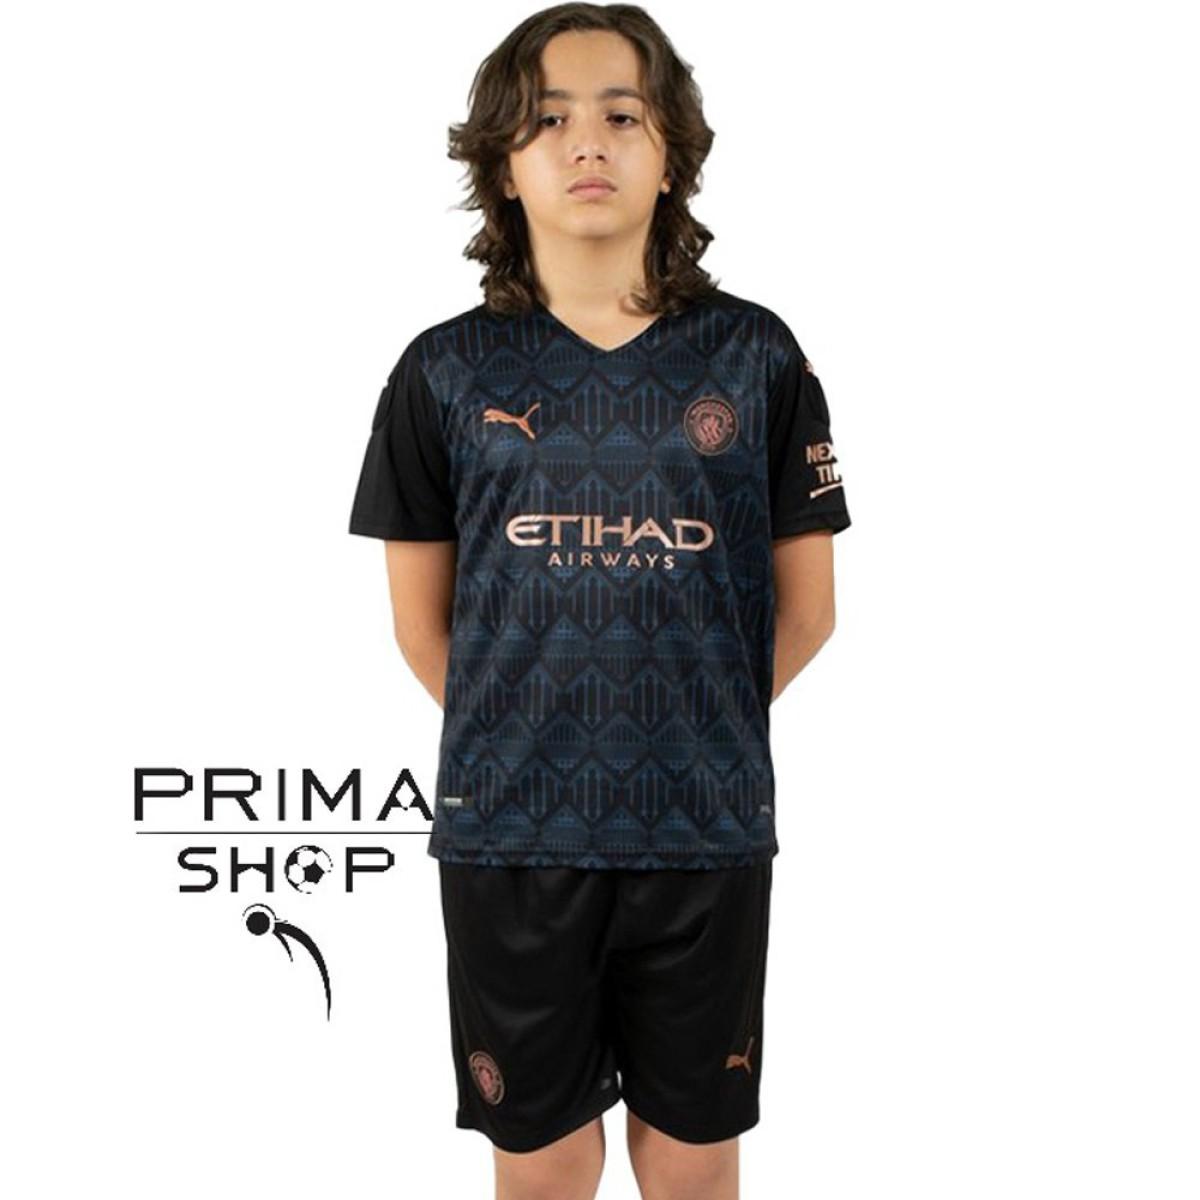 لباس بچه گانه دوم منچسترسیتی 2020 | ست فوتبال پسرانه